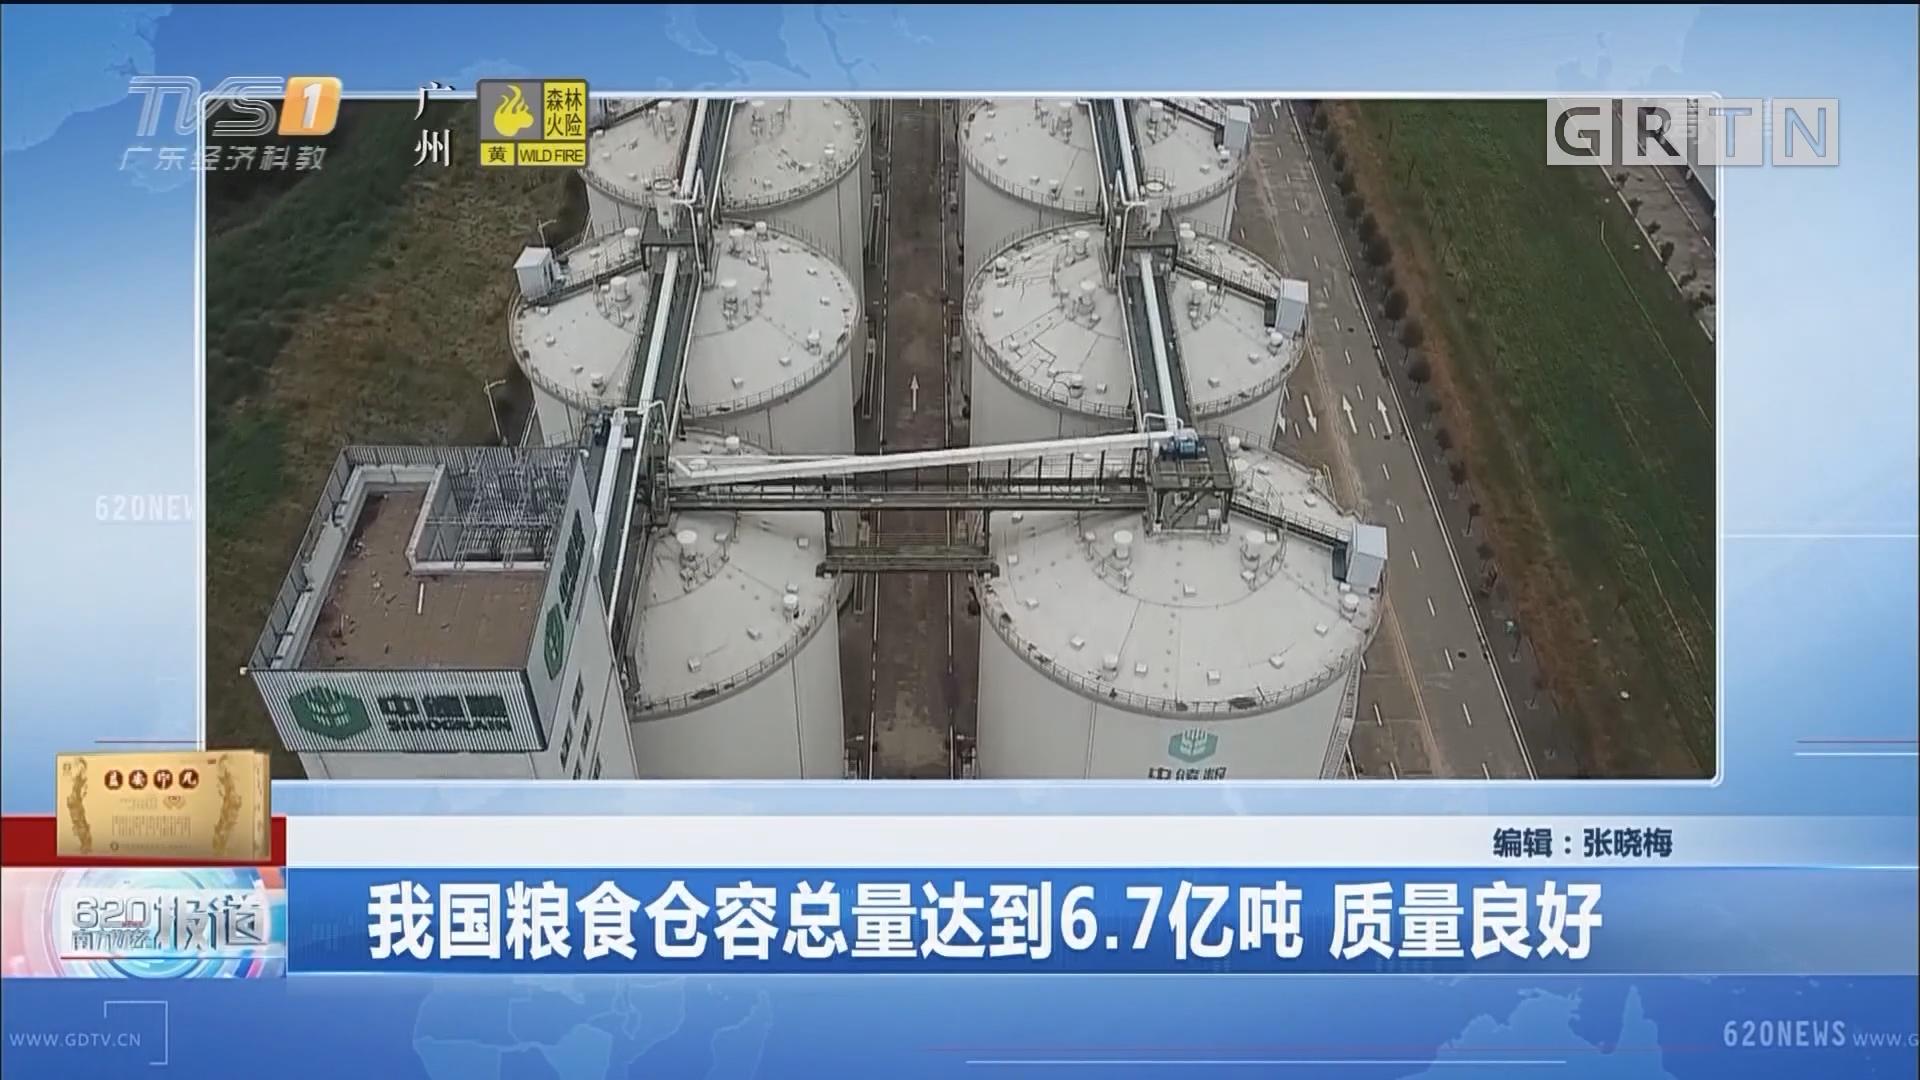 我国粮食仓容总量达到6.7亿吨 质量良好